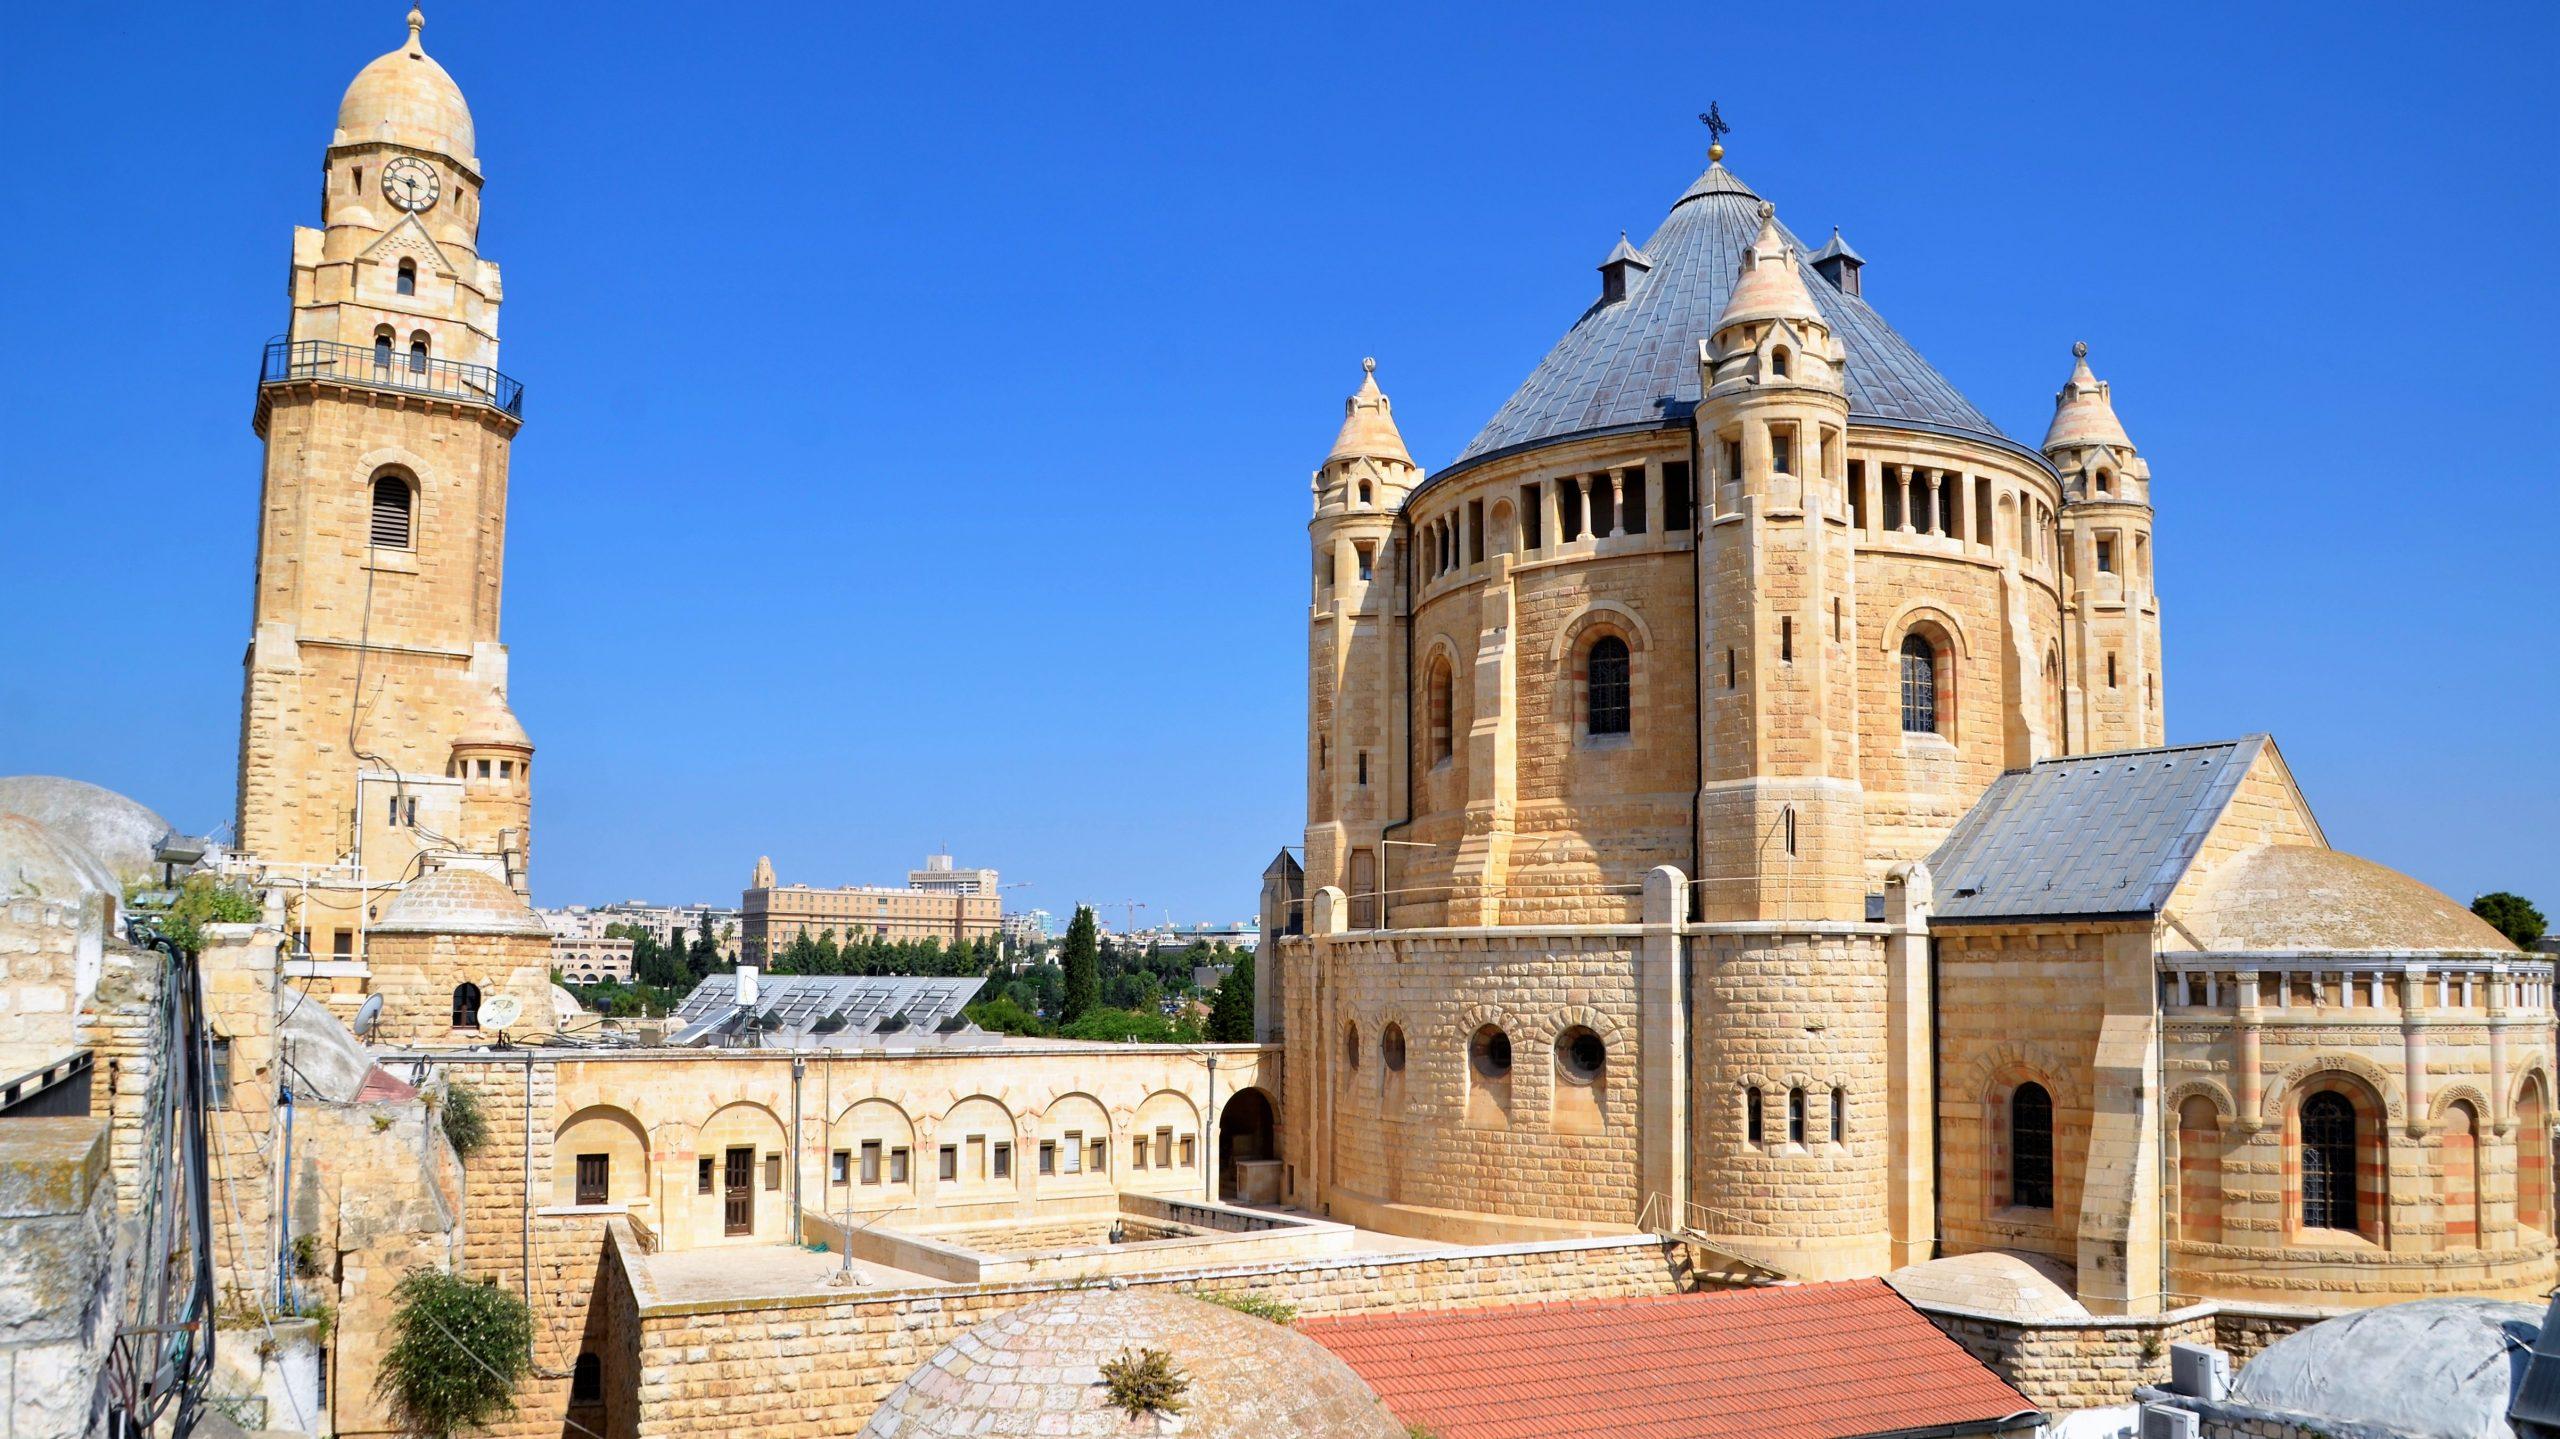 Kirche auf dem Zion in Jerusalem, Sehenswürdigkeiten Jerusalem